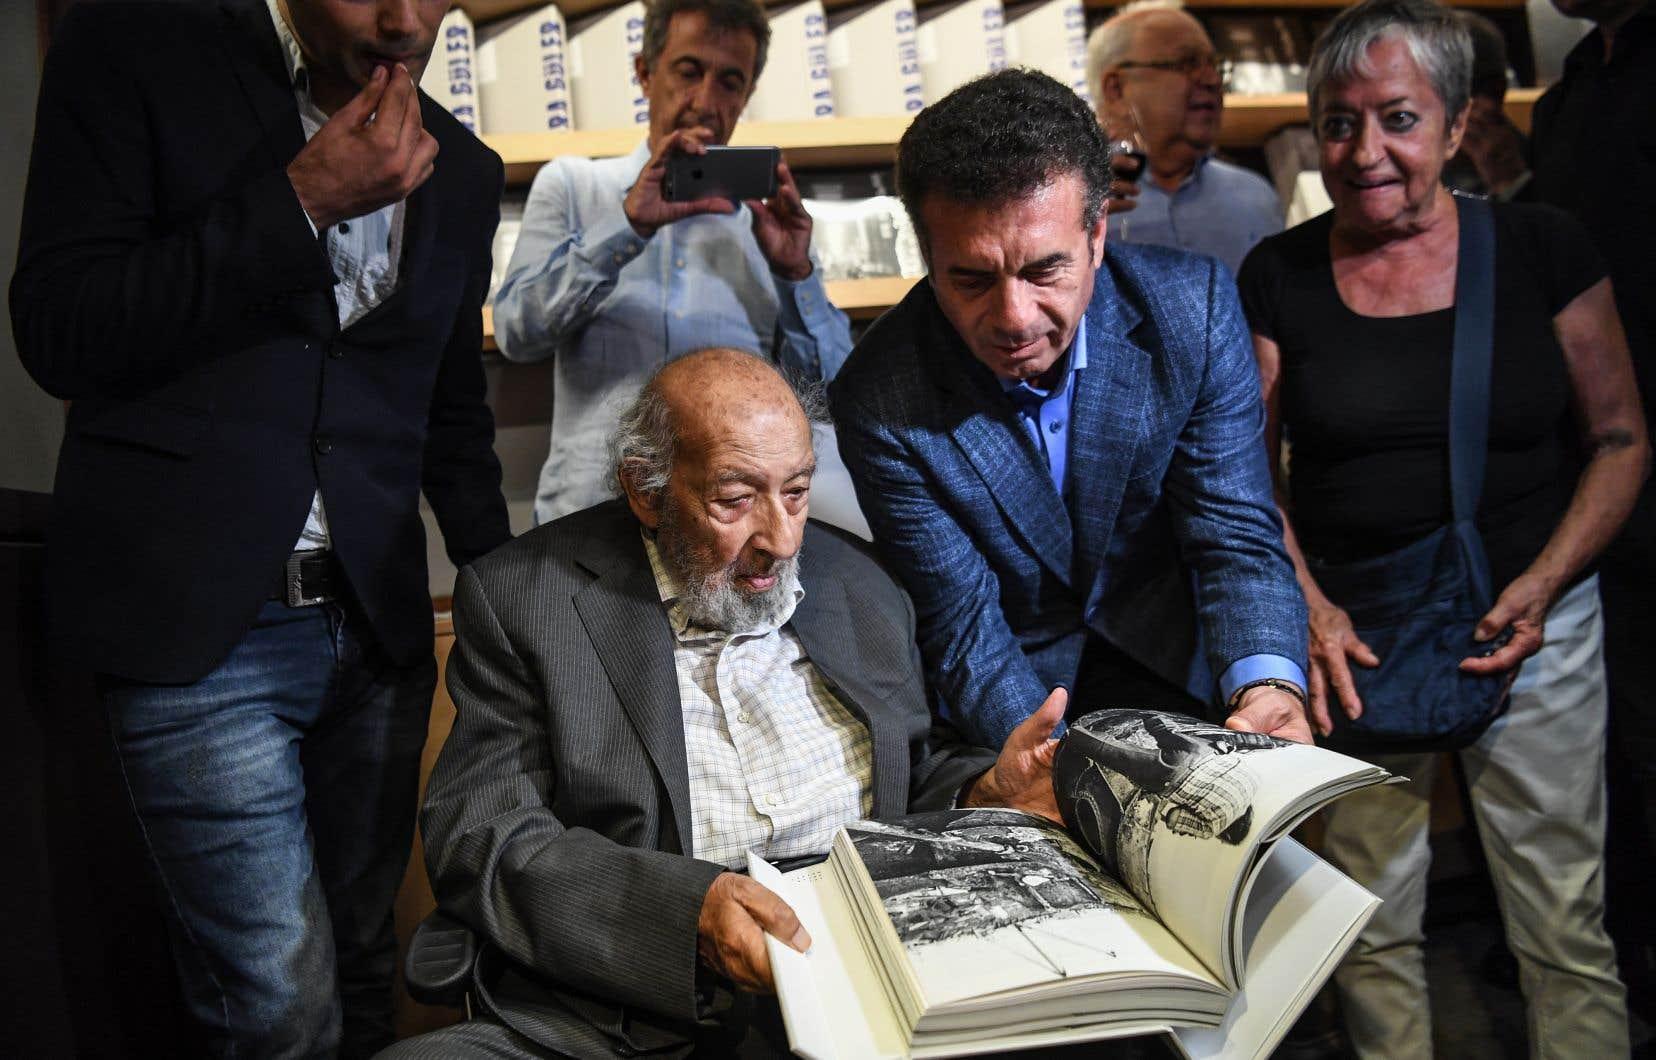 Un musée au nom d'Ara Güler a été ouvert à Istanbul le 16 août dernier, jour de son 90e anniversaire, afin de célébrer ses oeuvres.